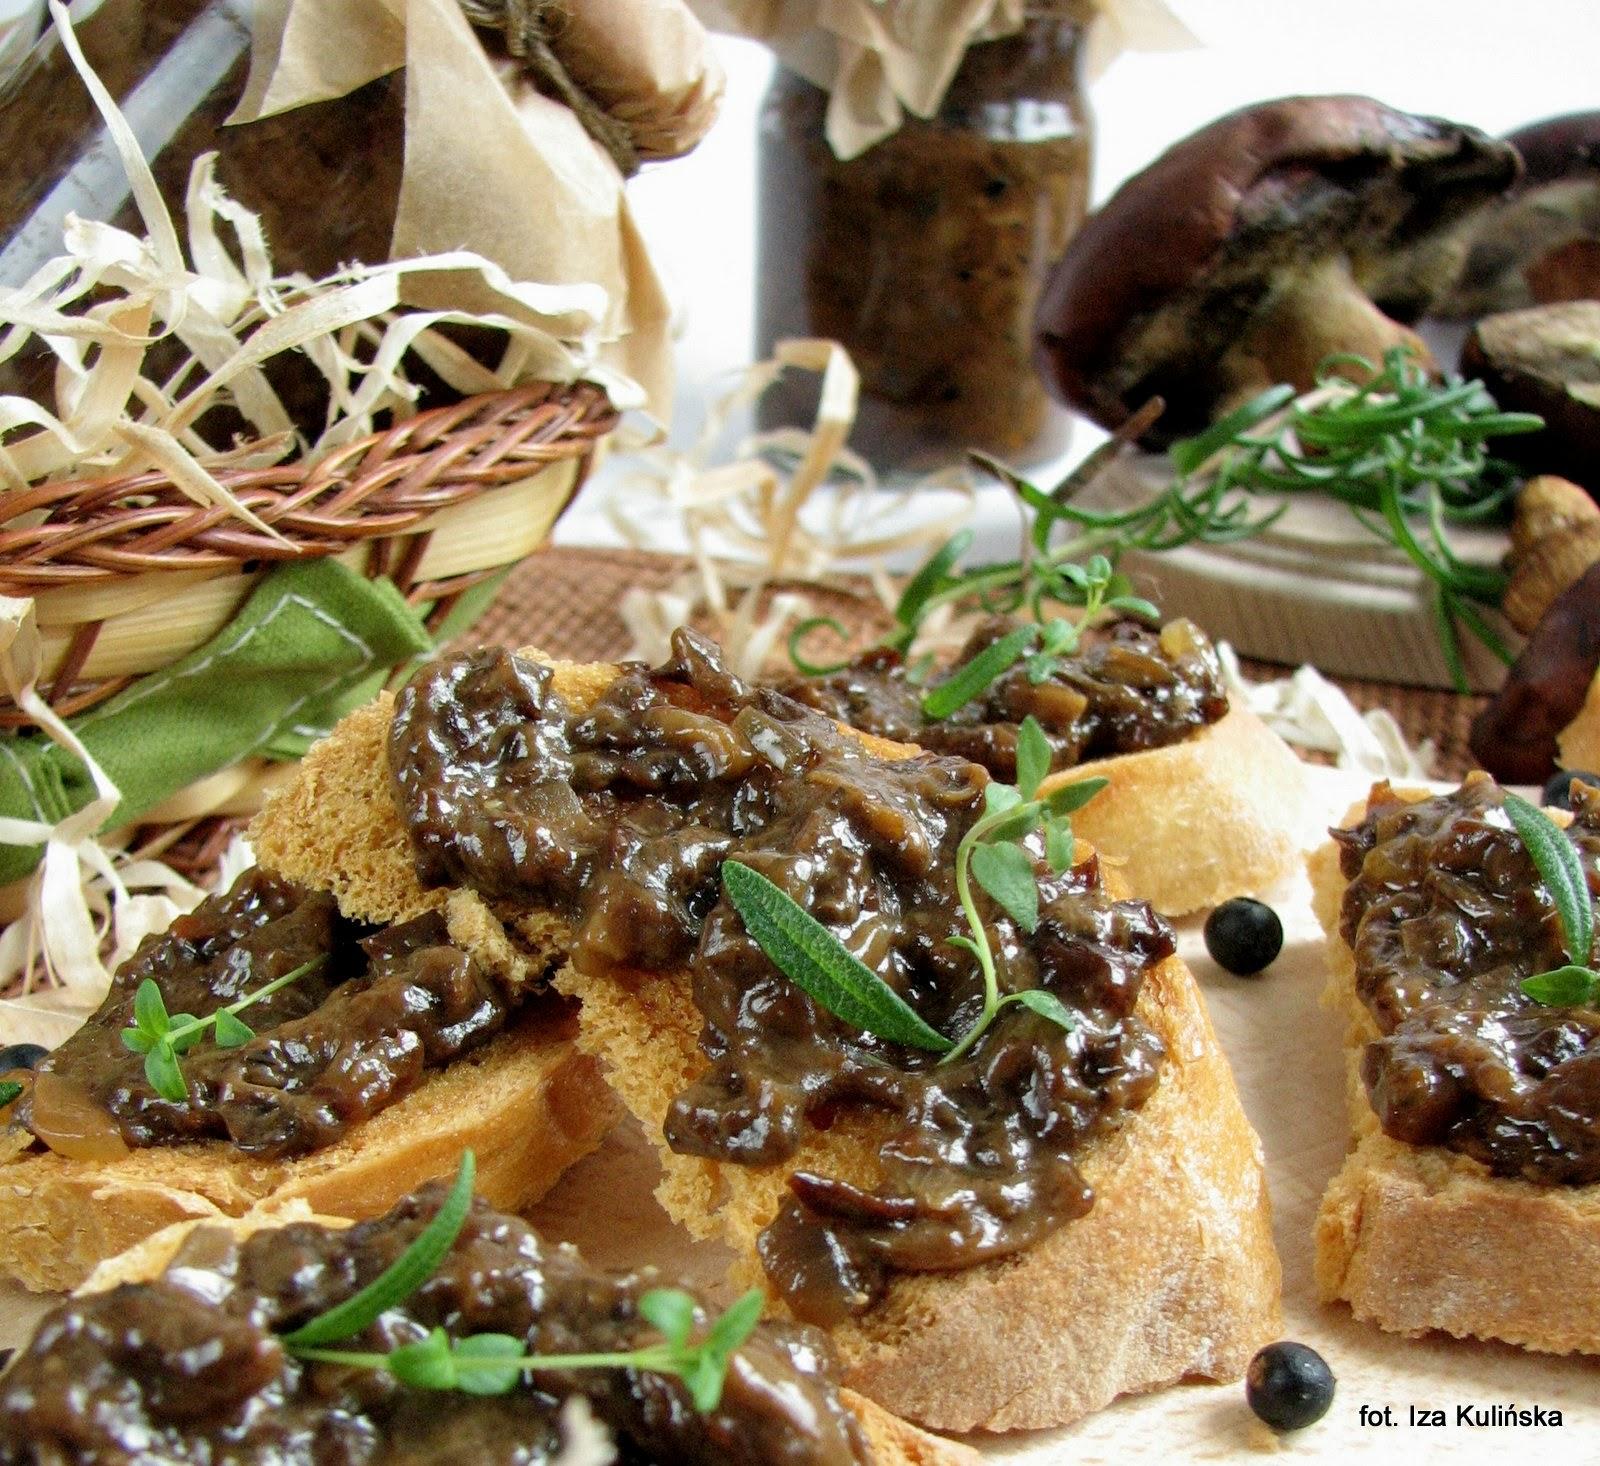 smarowidlo do chleba, dzem grzybowy, dzem z grzybow, do smarowania pieczywa, do kanapek, grzyby lesne, przetwory